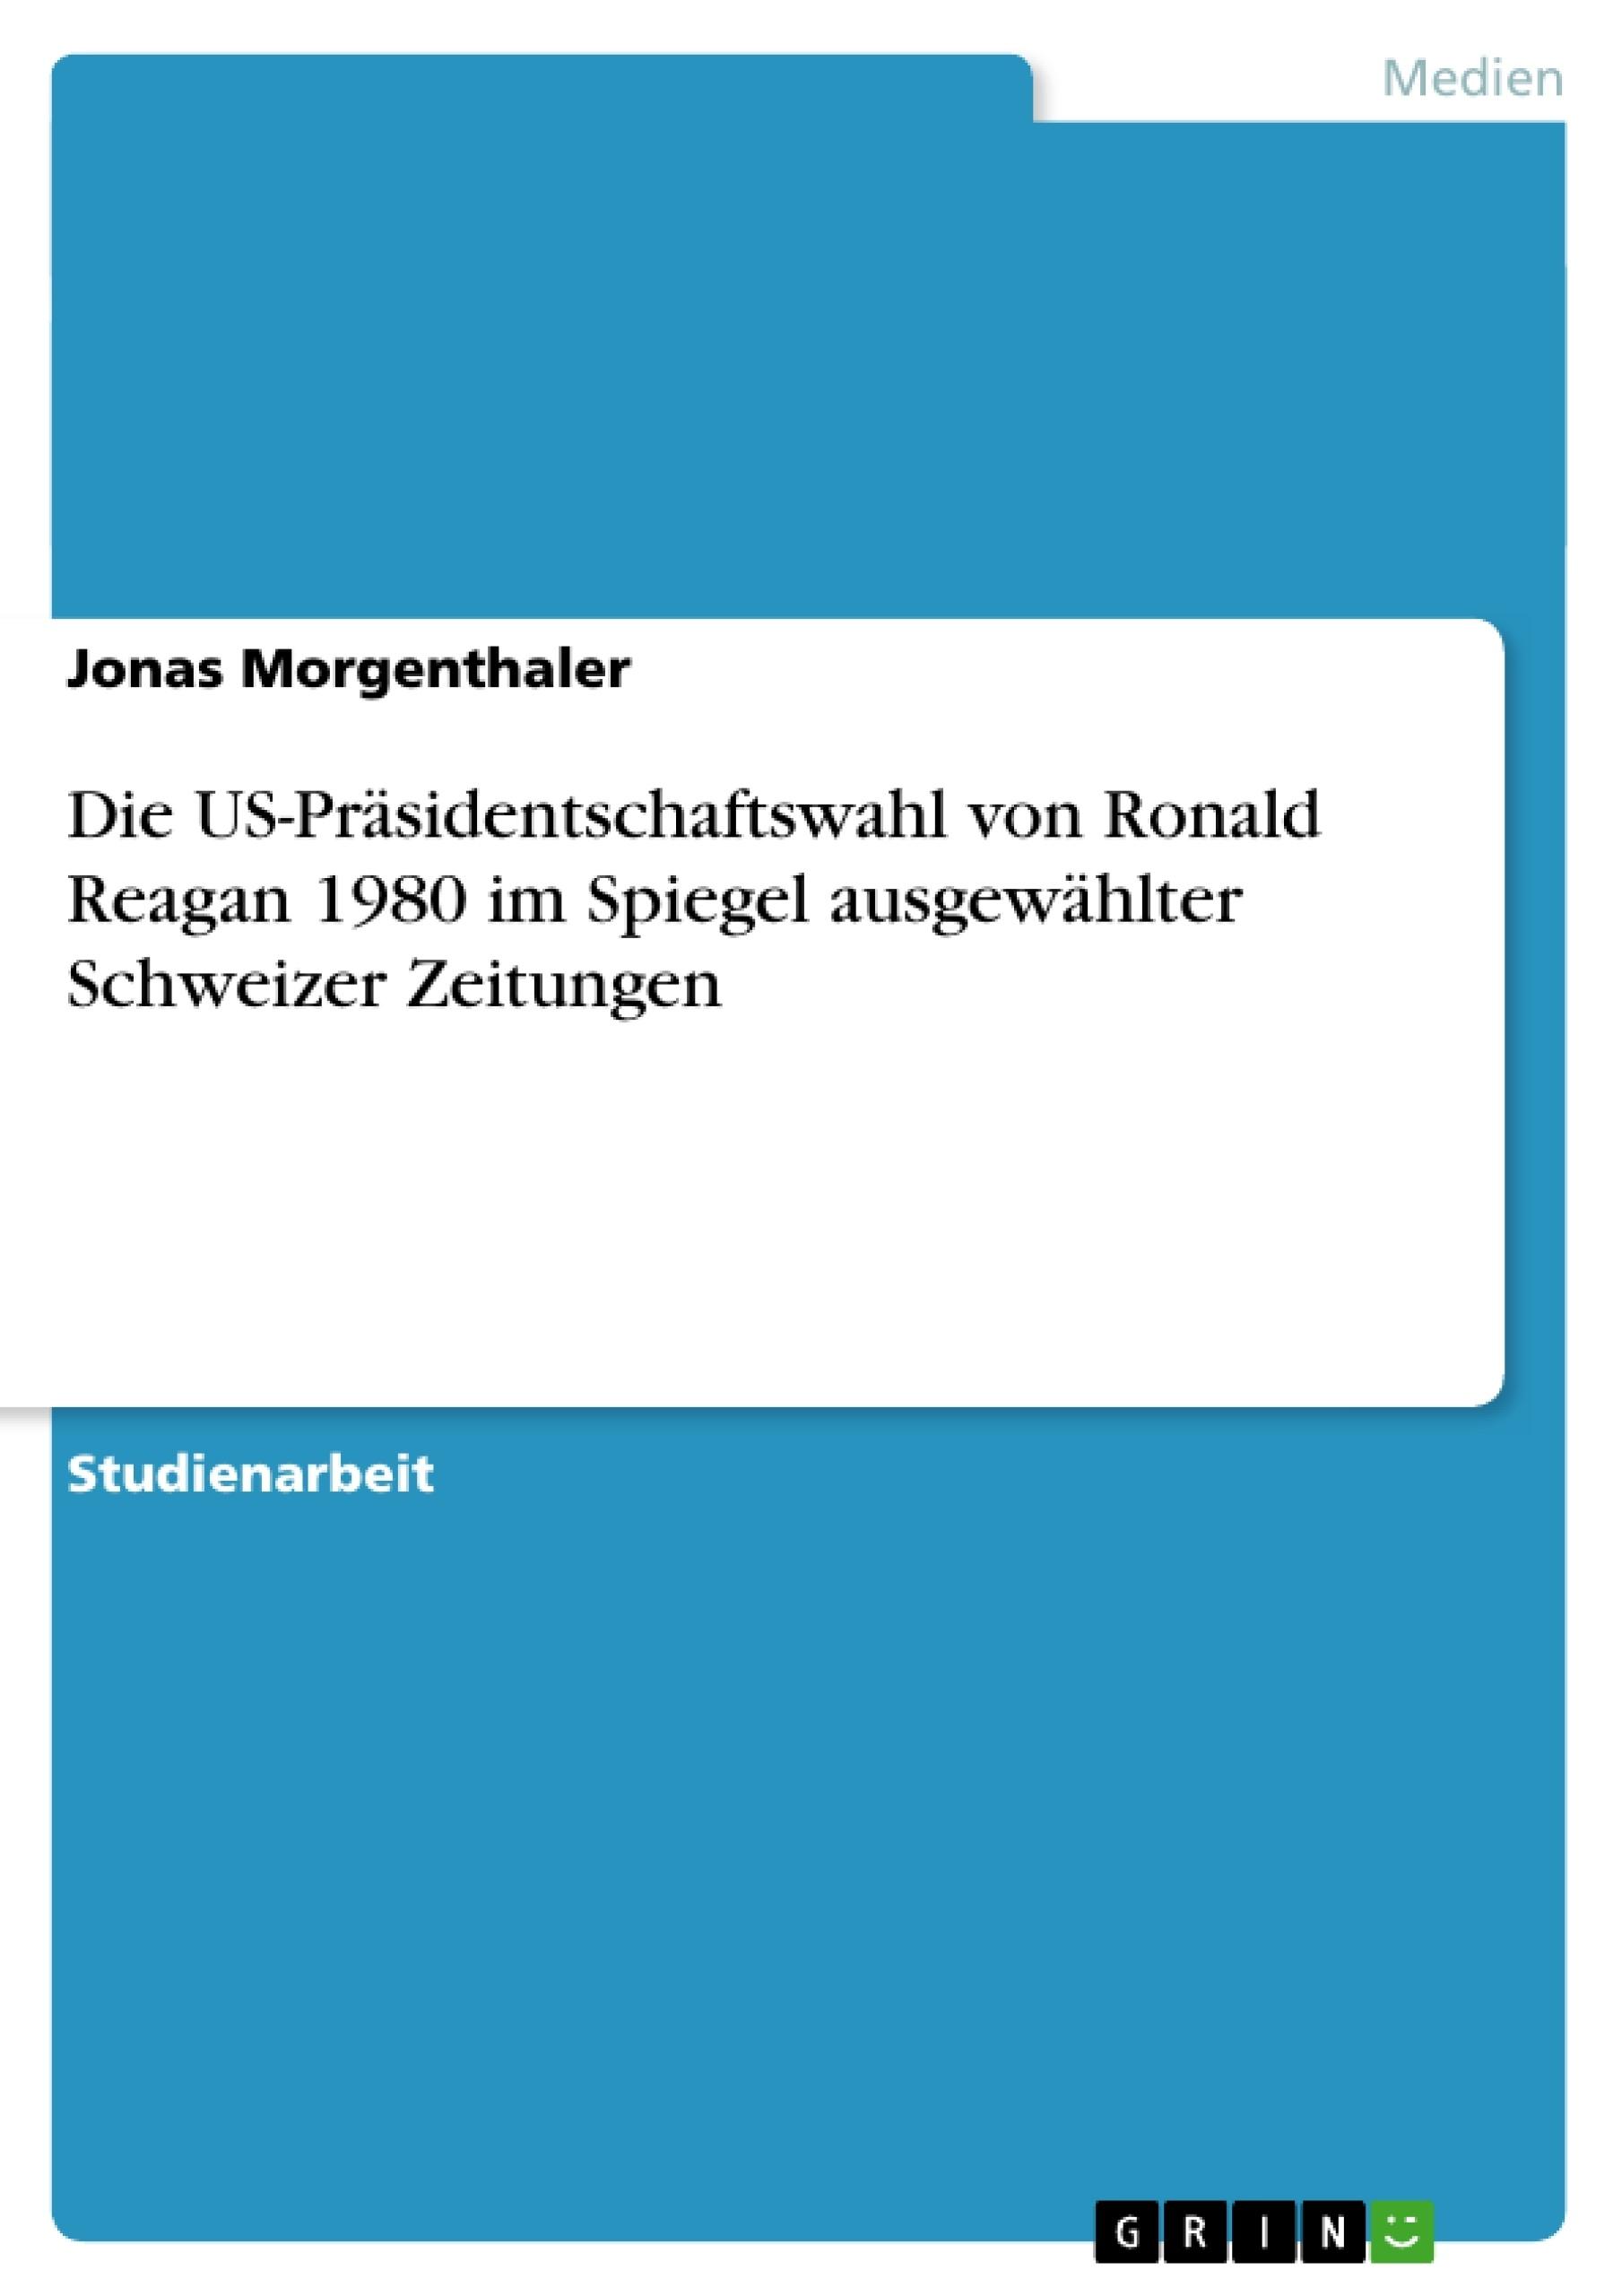 Titel: Die US-Präsidentschaftswahl von Ronald Reagan 1980 im Spiegel ausgewählter Schweizer Zeitungen